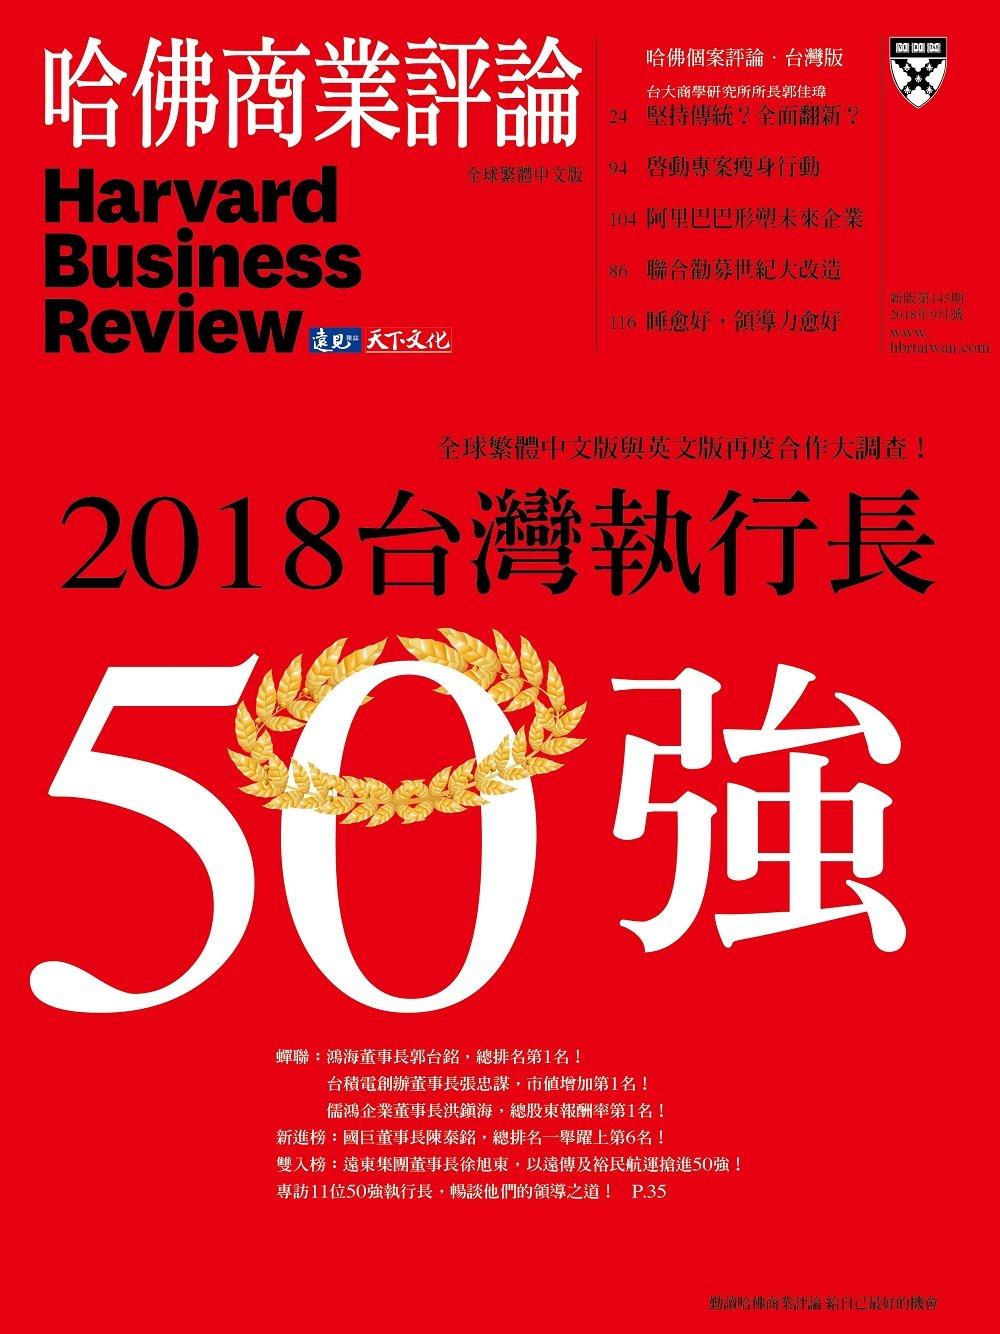 哈佛商業評論全球中文版 9月號/2018 第145期